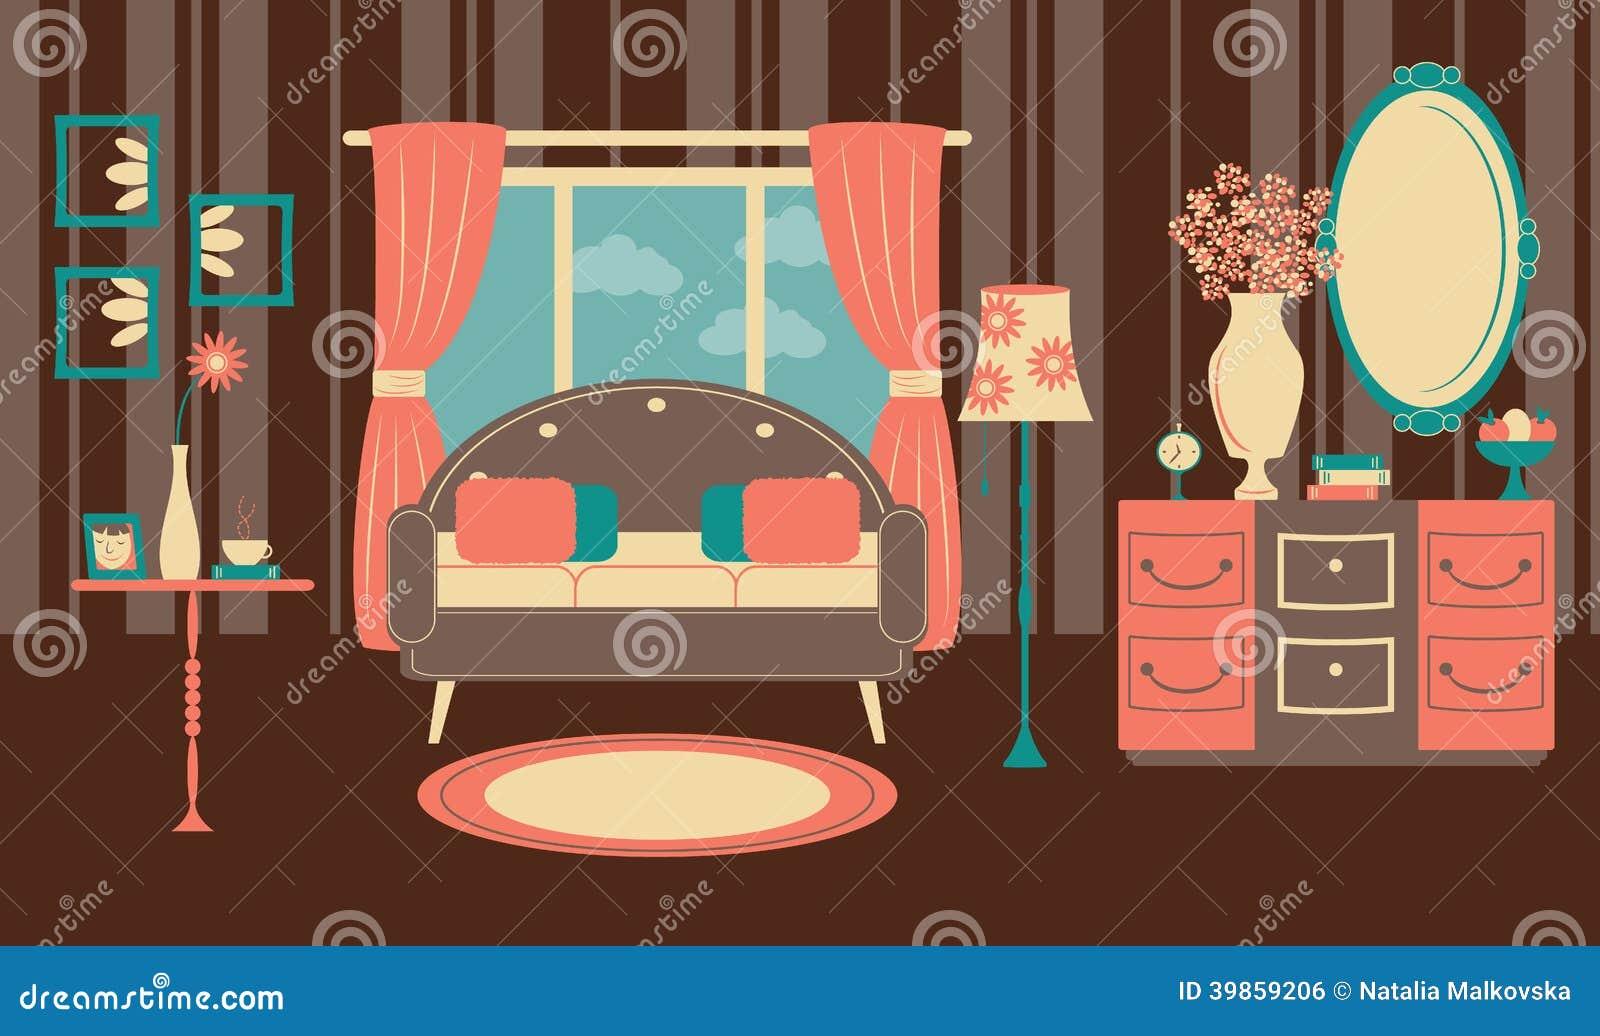 Retro Art Woonkamer : Retro woonkamer in een vlakke stijl vector illustratie